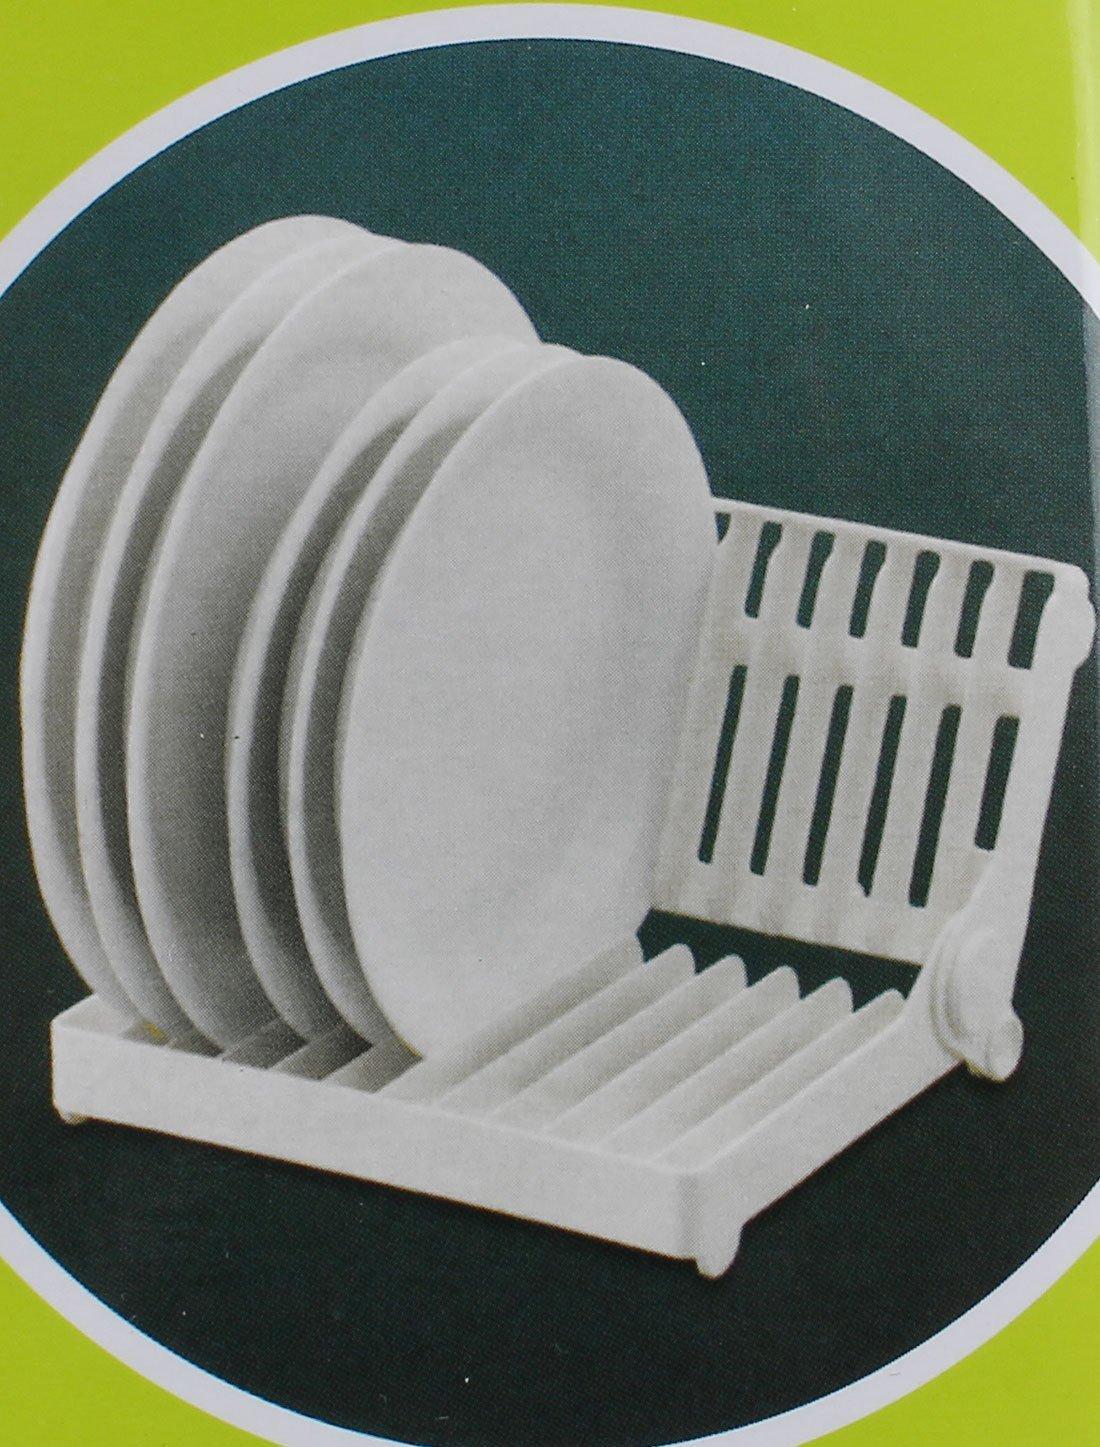 Amazon.com: Prato Cup Secagem Floding cremalheira Drainer Secador de bandeja Talheres de armazenamento Titular: Kitchen & Dining